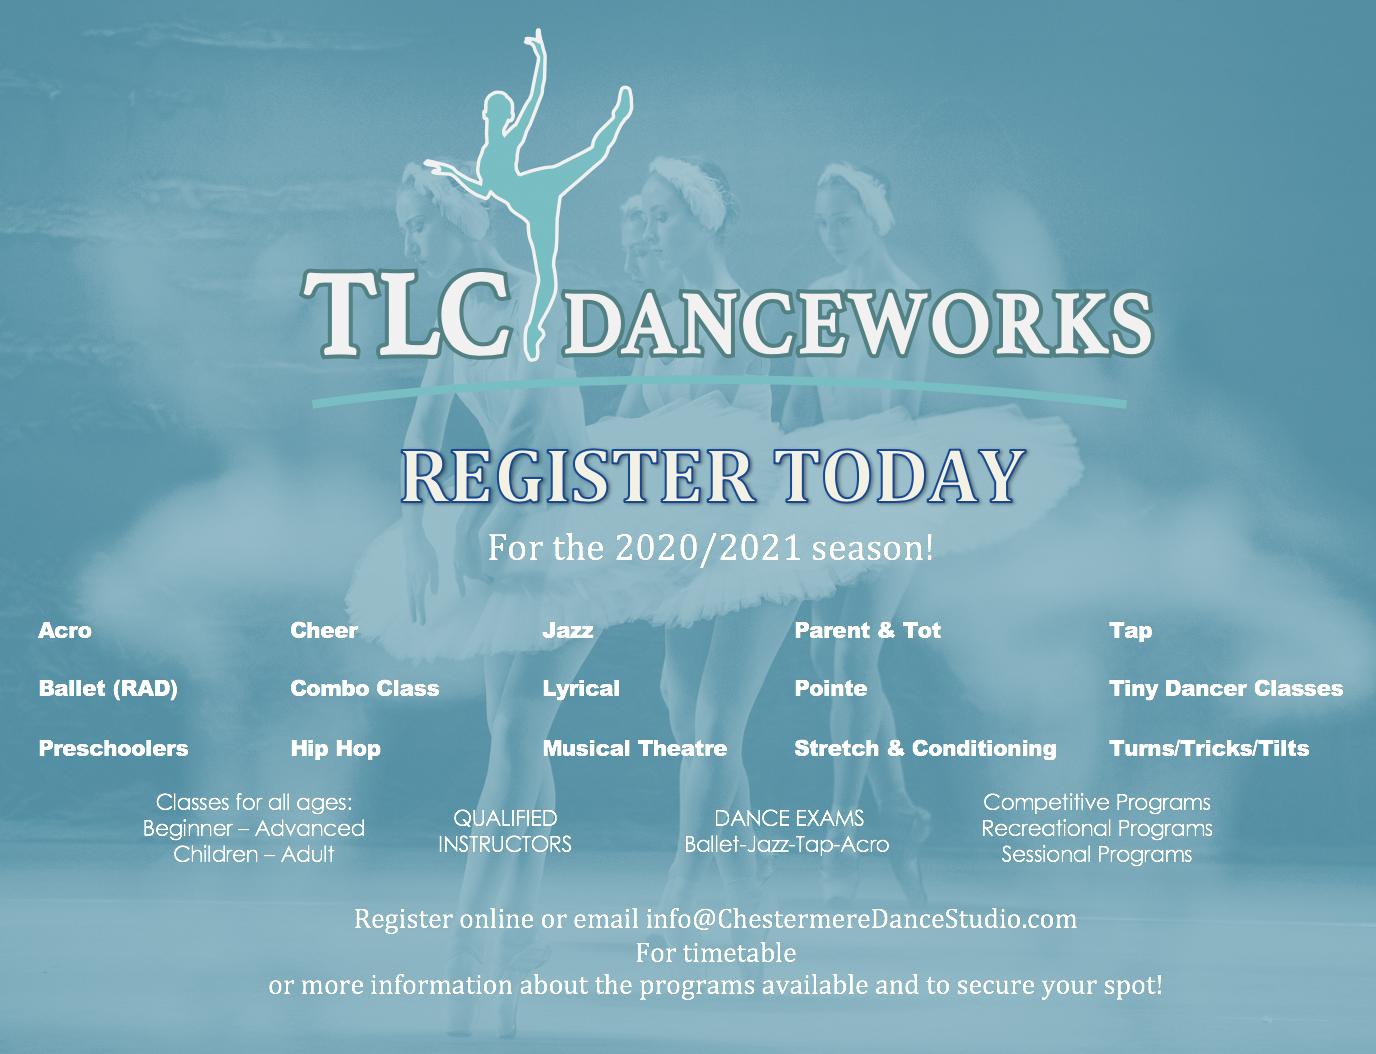 Fall Schedule 2020-2021 - TLC Danceworks